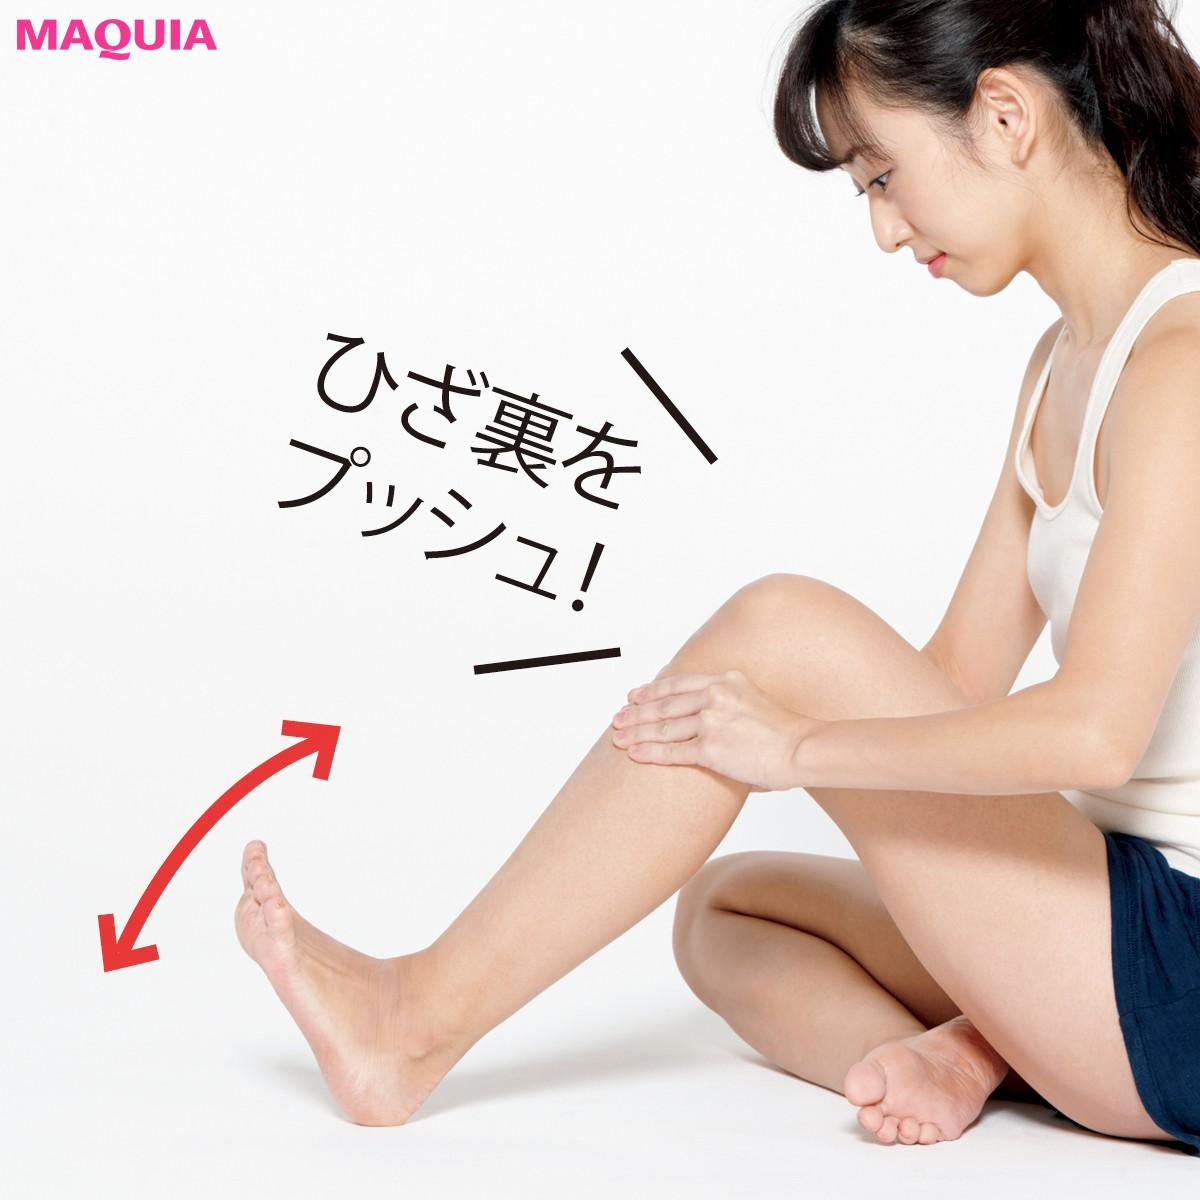 ふくらはぎの痩せポイントを知って、むくまない&膝下ほっそり美脚に!